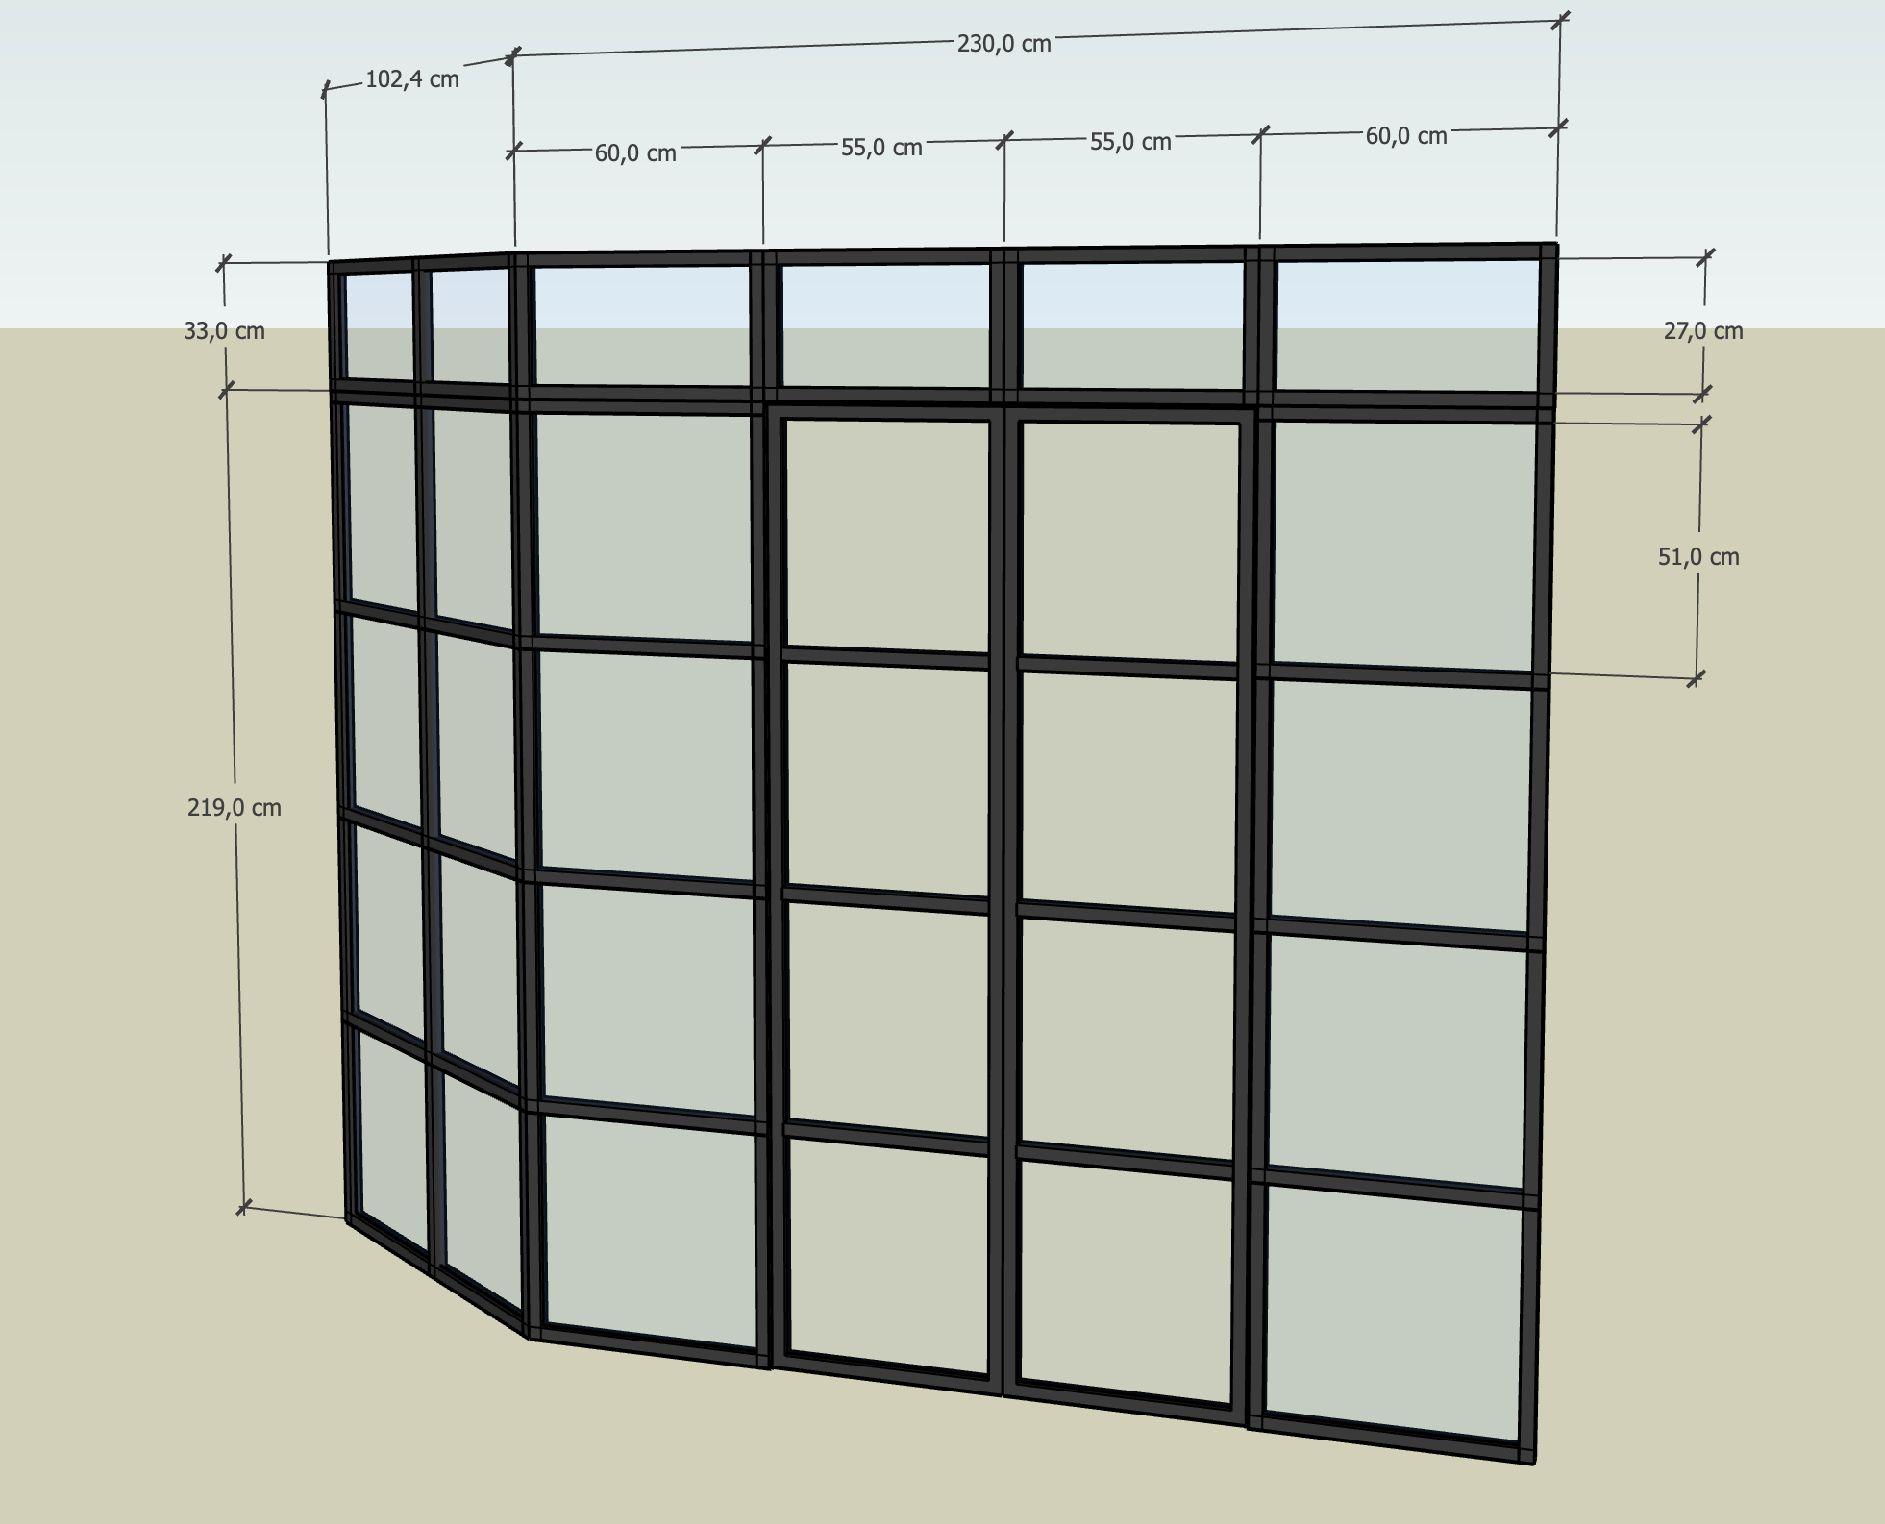 glasvæg-newyorkervæg-new yorker væg-new yorker glasvæg-3d tegning-3d new yorker væg